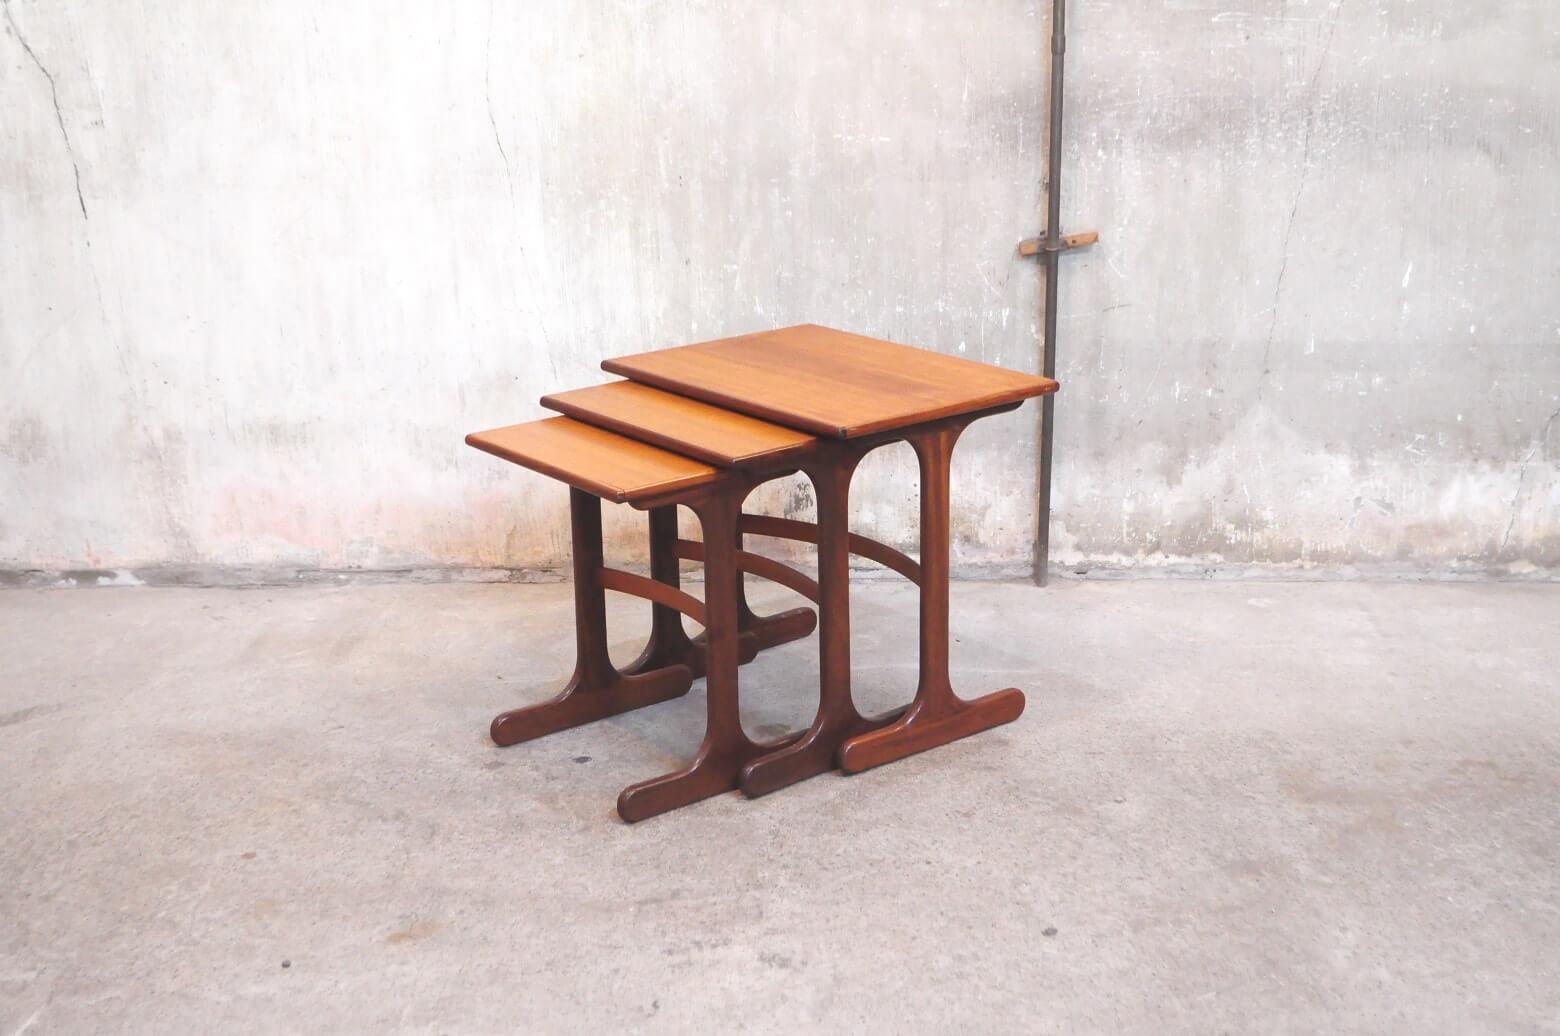 UK VINTAGE E GOMME G PLAN SERIES NEST TABLE / イギリス ビンテージ Gプラン ネスト テーブル 【商品説明】 イギリス E.GOMME社の北欧デザインシリーズ、 G-PLANの1960年製ネストテーブルが入荷致しました。 ネストとは「巣」の意。 文字通りひとつの巣の中におさまるデザインで 様々な使い方ができるデザインと利便性の両方を兼ね備えた イギリス、ミッドセンチュリーの家具です。 用途に合わせてご使用頂けるこちらのネストテーブルは、 普段はコンパクトに、来客時のサブテーブル 重ねてシェルフとしてなど、使い勝手の良い人気のアイテムです。 くつろぎの時間の演出に是非いかがでしょうか。中古,東京都,杉並区,阿佐ヶ谷,北,アンティーク,ショップ,古一,店,古,一,出張,無料,買取,杉並区,周辺,世田谷区,目黒区,武蔵野市,新宿区,東京近郊,お見積もり,ビンテージ家具,インテリア雑貨,ランプ,USED品, リサイクル,ふるいち,フルイチ,古一,used,furuichi~【東京都杉並区阿佐ヶ谷北アンティークショップ 古一】 古一/ふるいちでは出張無料買取も行っております。杉並区周辺はもちろん、世田谷区・目黒区・武蔵野市・新宿区等の東京近郊のお見積もりも!ビンテージ家具・インテリア雑貨・ランプ・USED品・ リサイクルなら古一/フルイチへ~